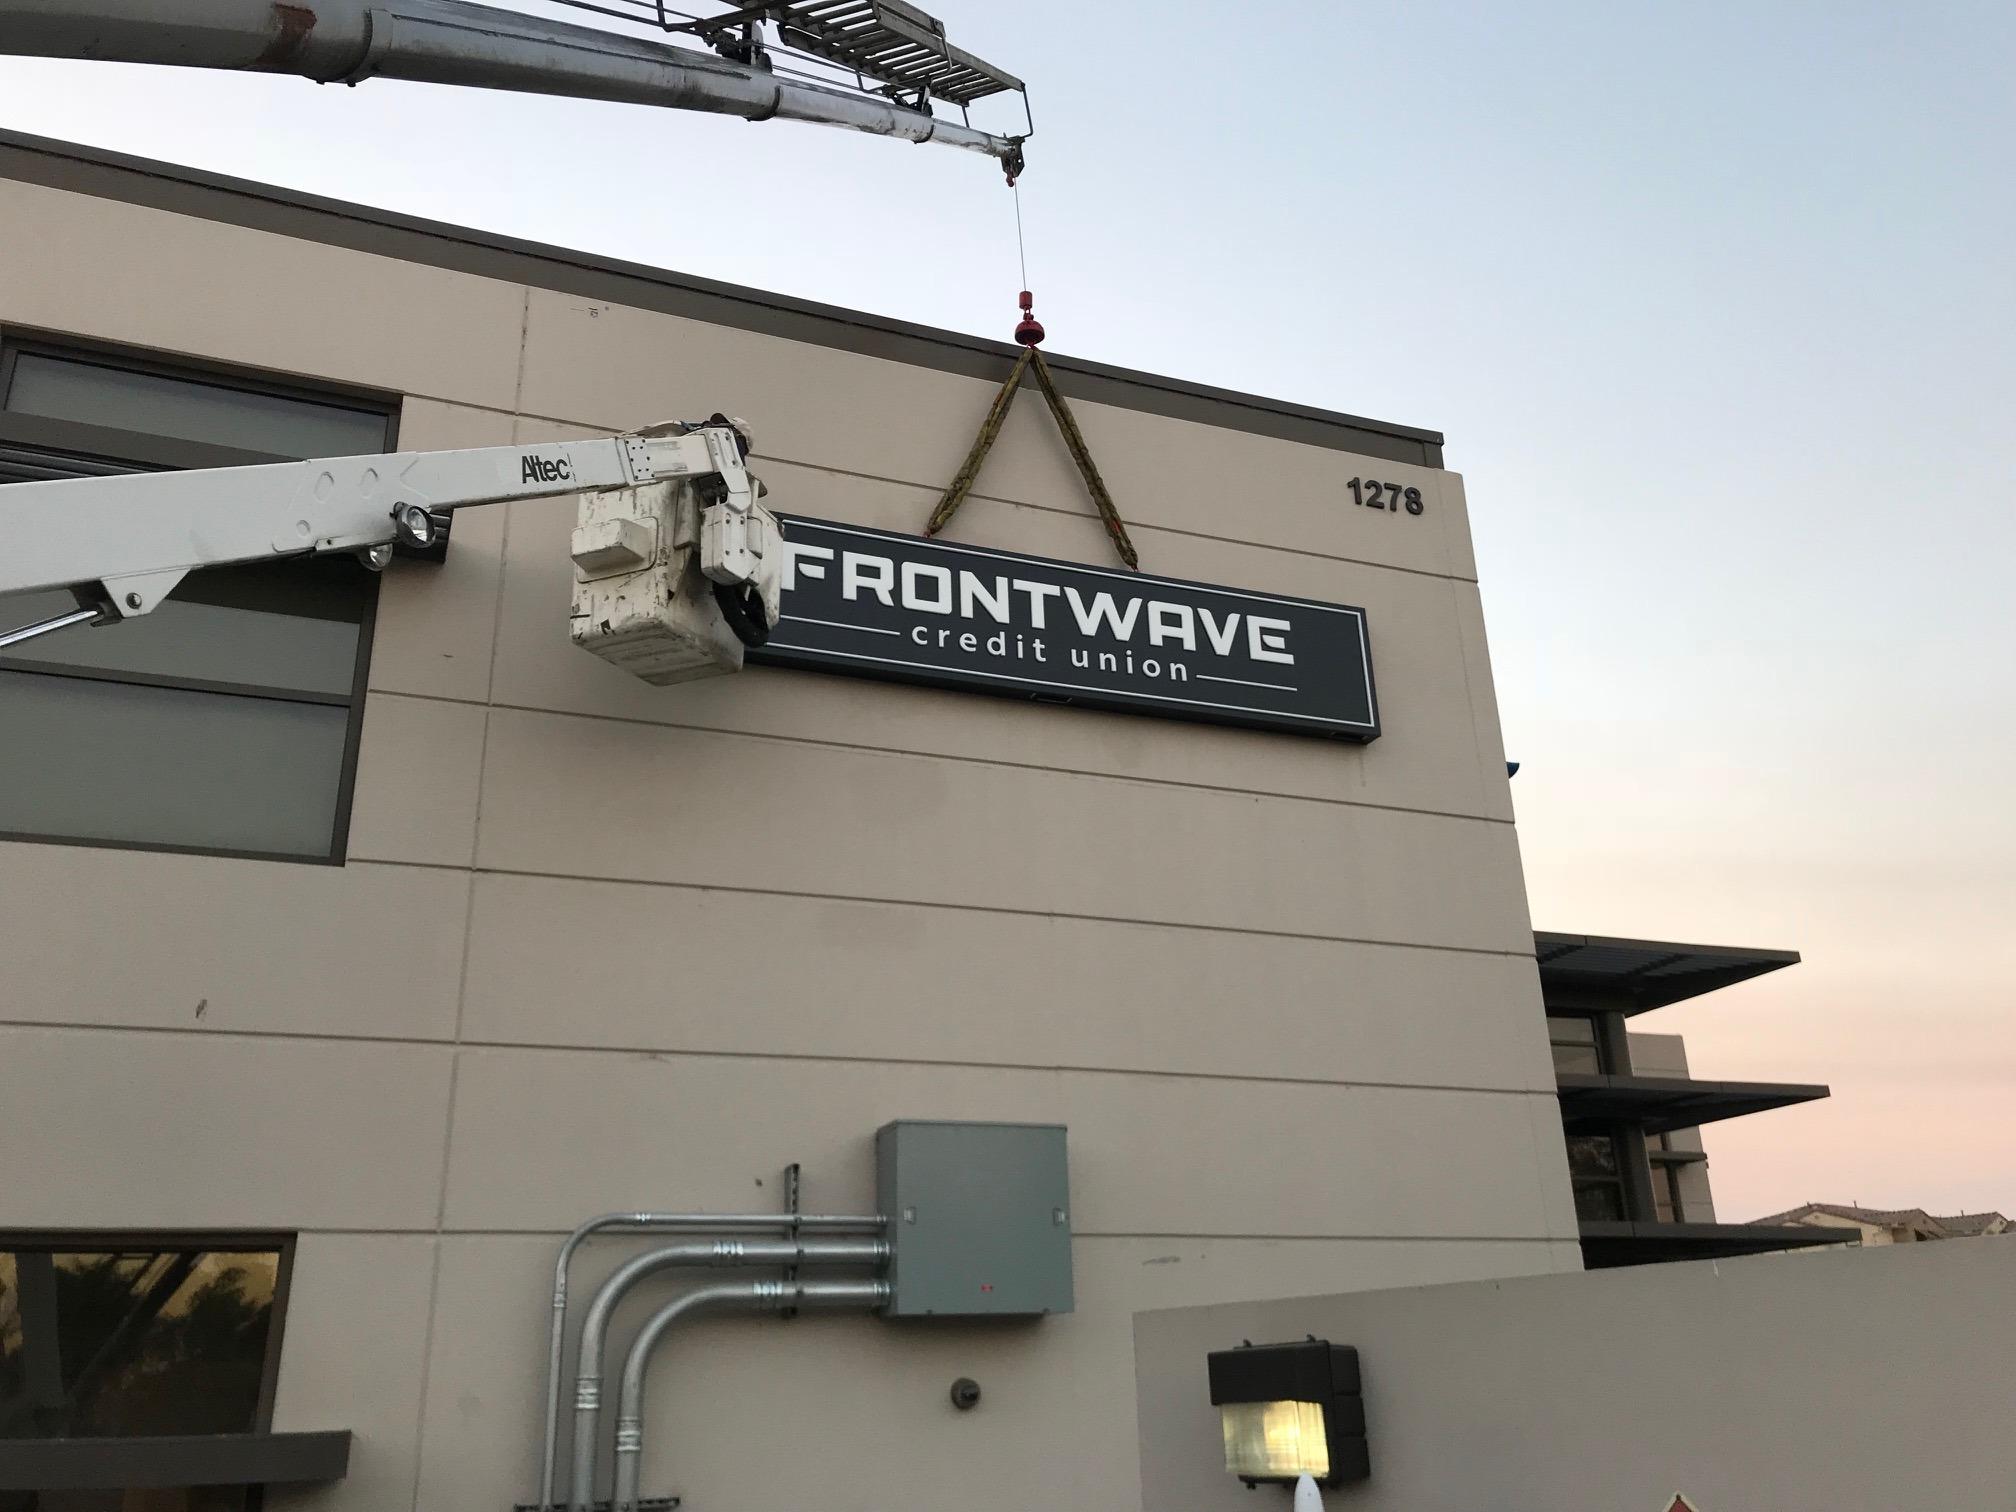 Installing a Frontwave Channel Letter Set